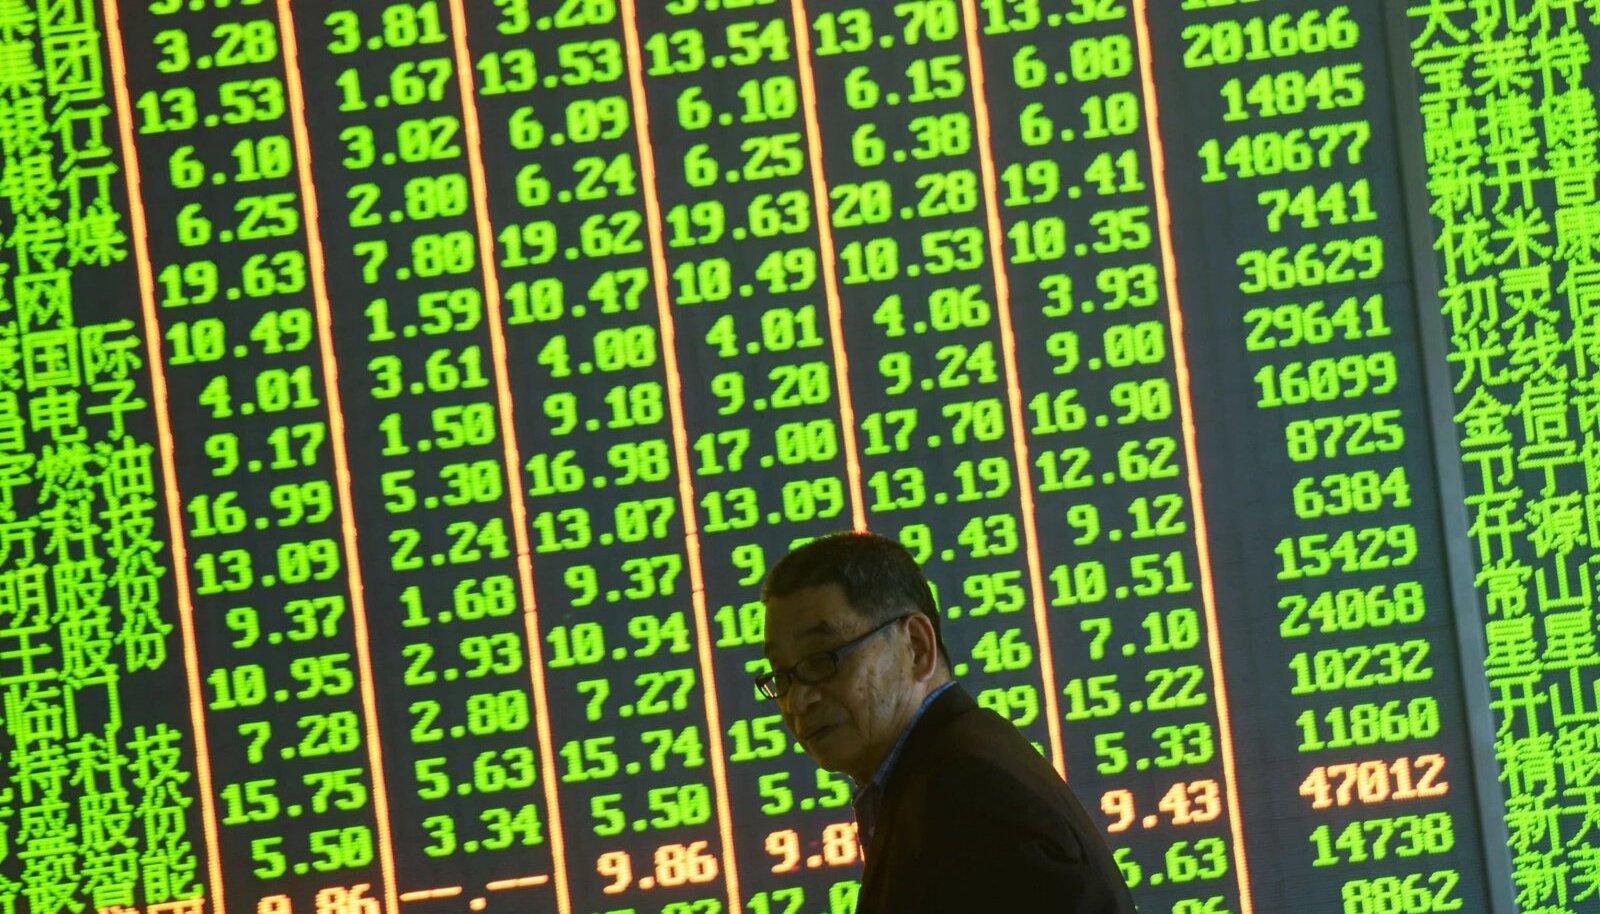 Hiina investor möödub börsiekraanist, kus võimutseb roheline värv. Aasia börsidel näitab roheline langust ja punane tõusu, vastupidiselt meie tavadele.